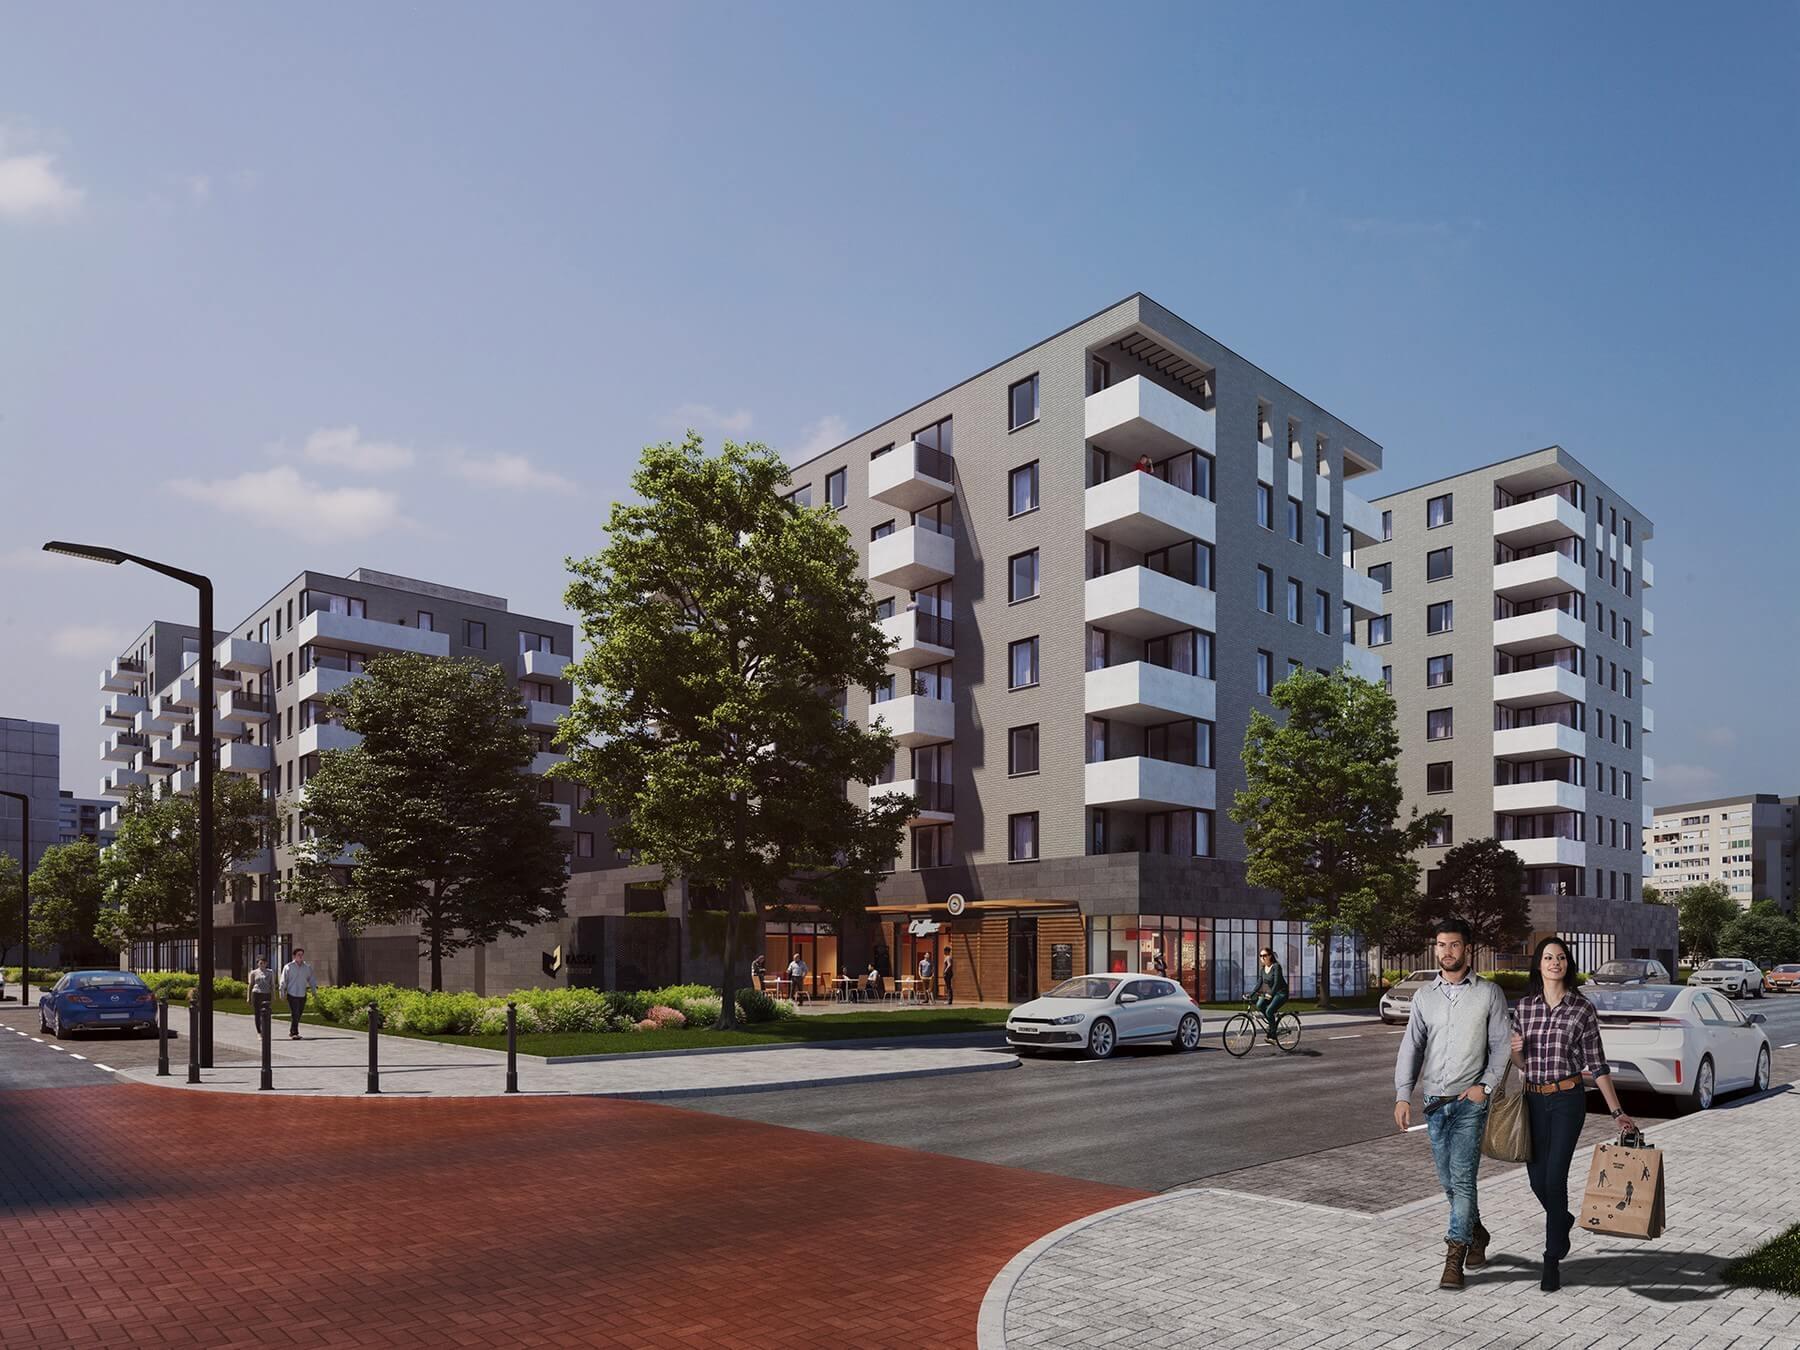 Magyar ingatlanfejlesztő épít lakóparkot a főváros új üzleti negyedében